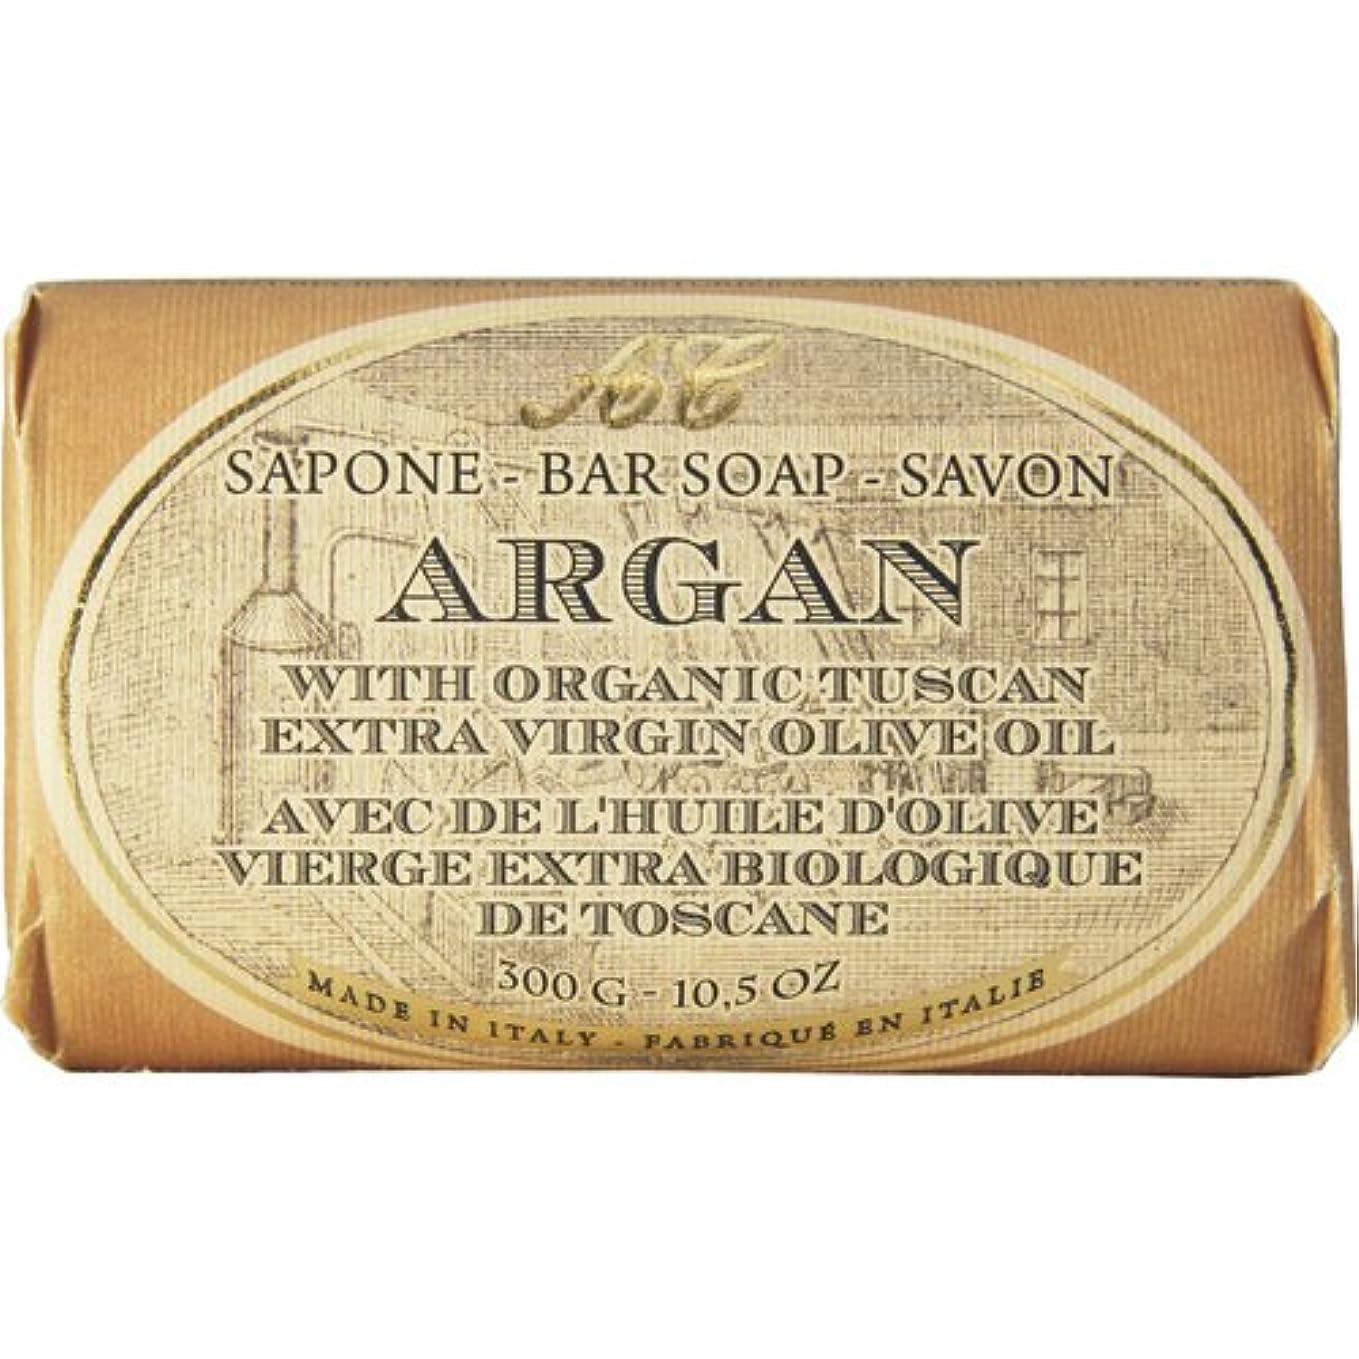 ニックネームスノーケル状況Saponerire Fissi レトロシリーズ Bar Soap バーソープ 300g Argan アルガンオイル